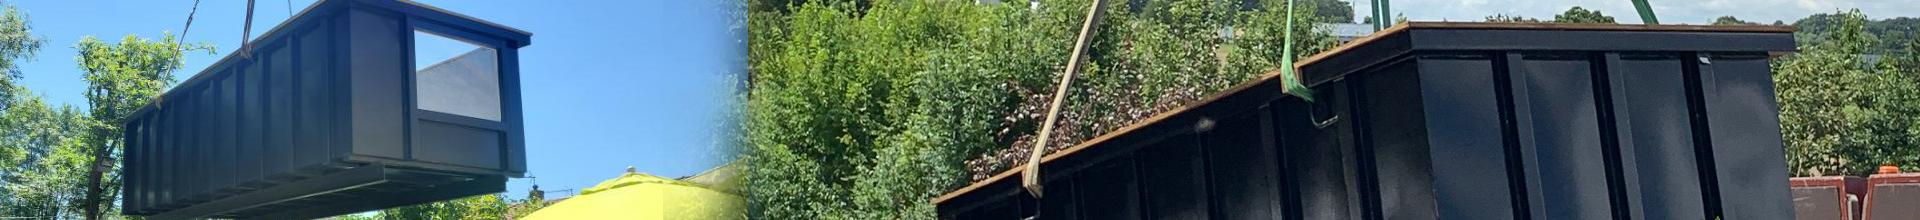 Projet container piscine sur mesure Belgique (Courtrai)